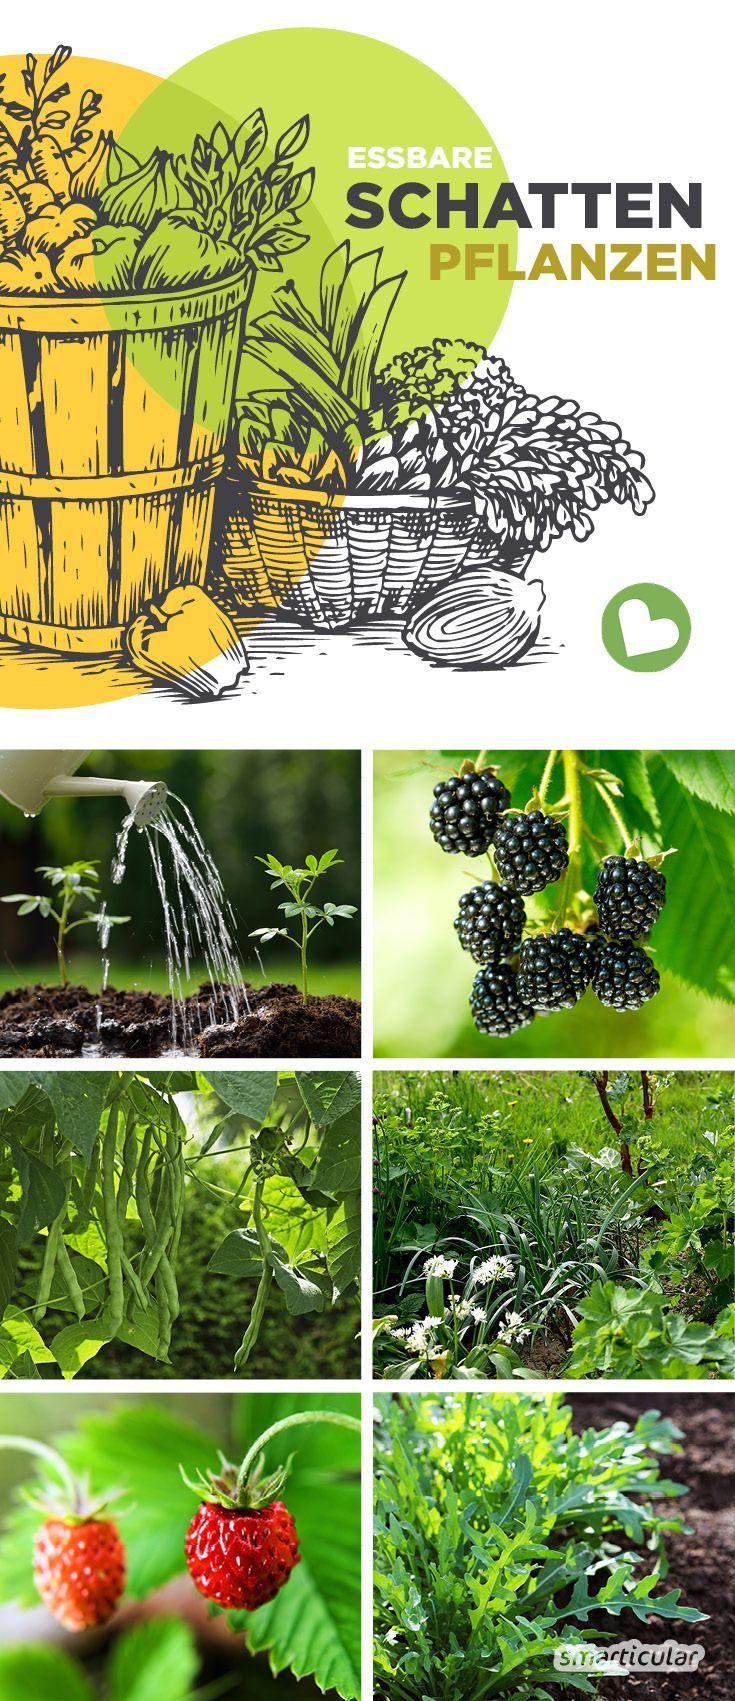 Essbare Pflanzen, die im Schatten wachsen